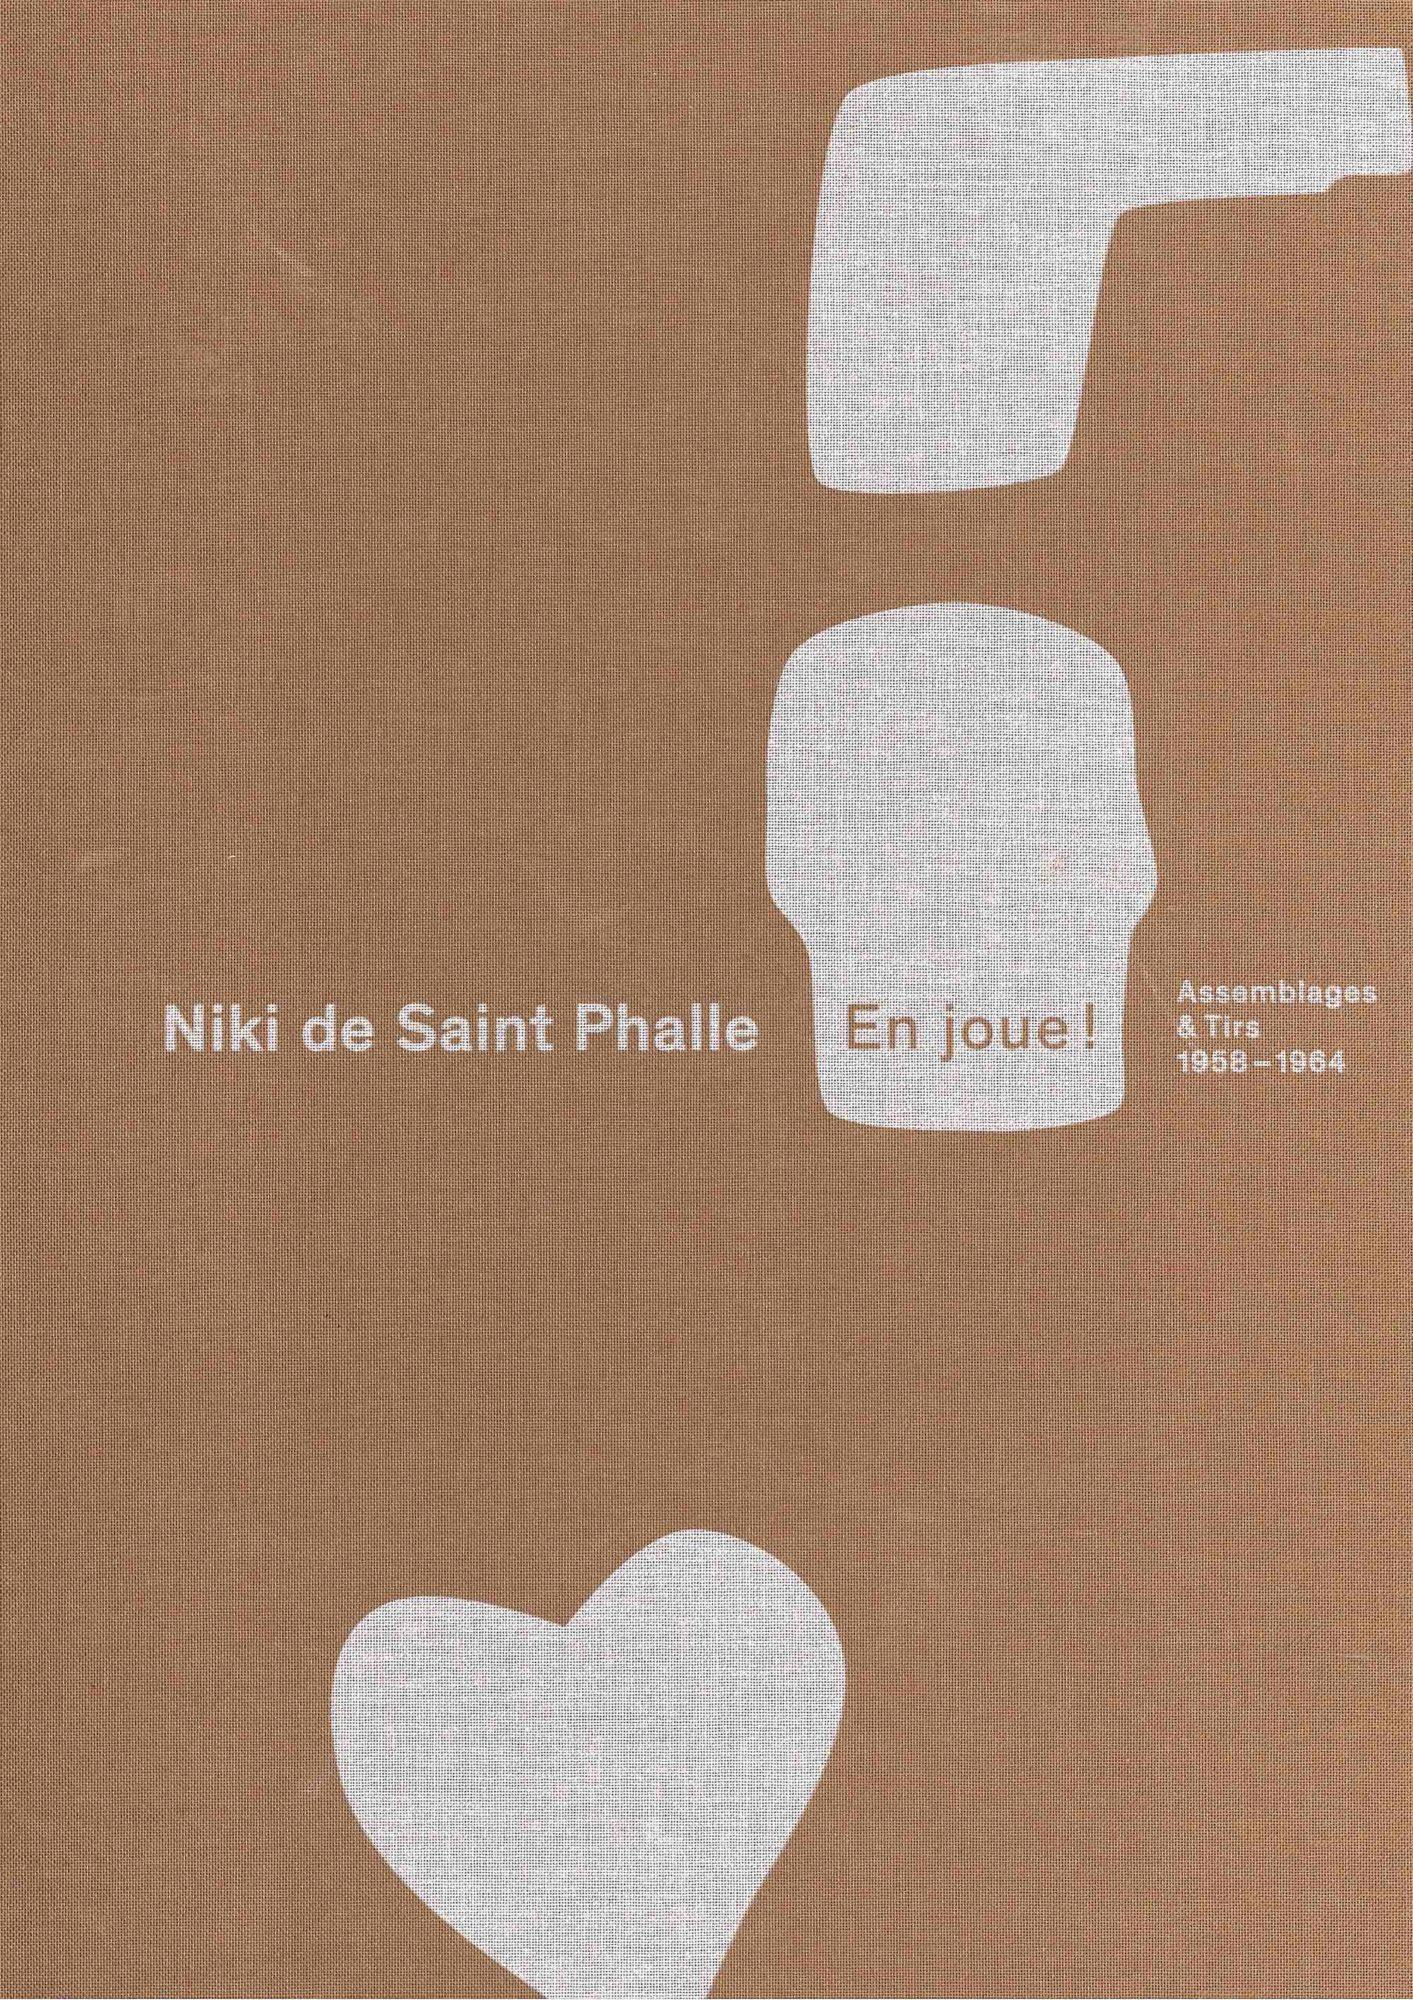 Niki de Saint Phalle – En joue ! Assemblages & Tirs (1958 – 1964) - Galerie Georges-Philippe & Nathalie Vallois